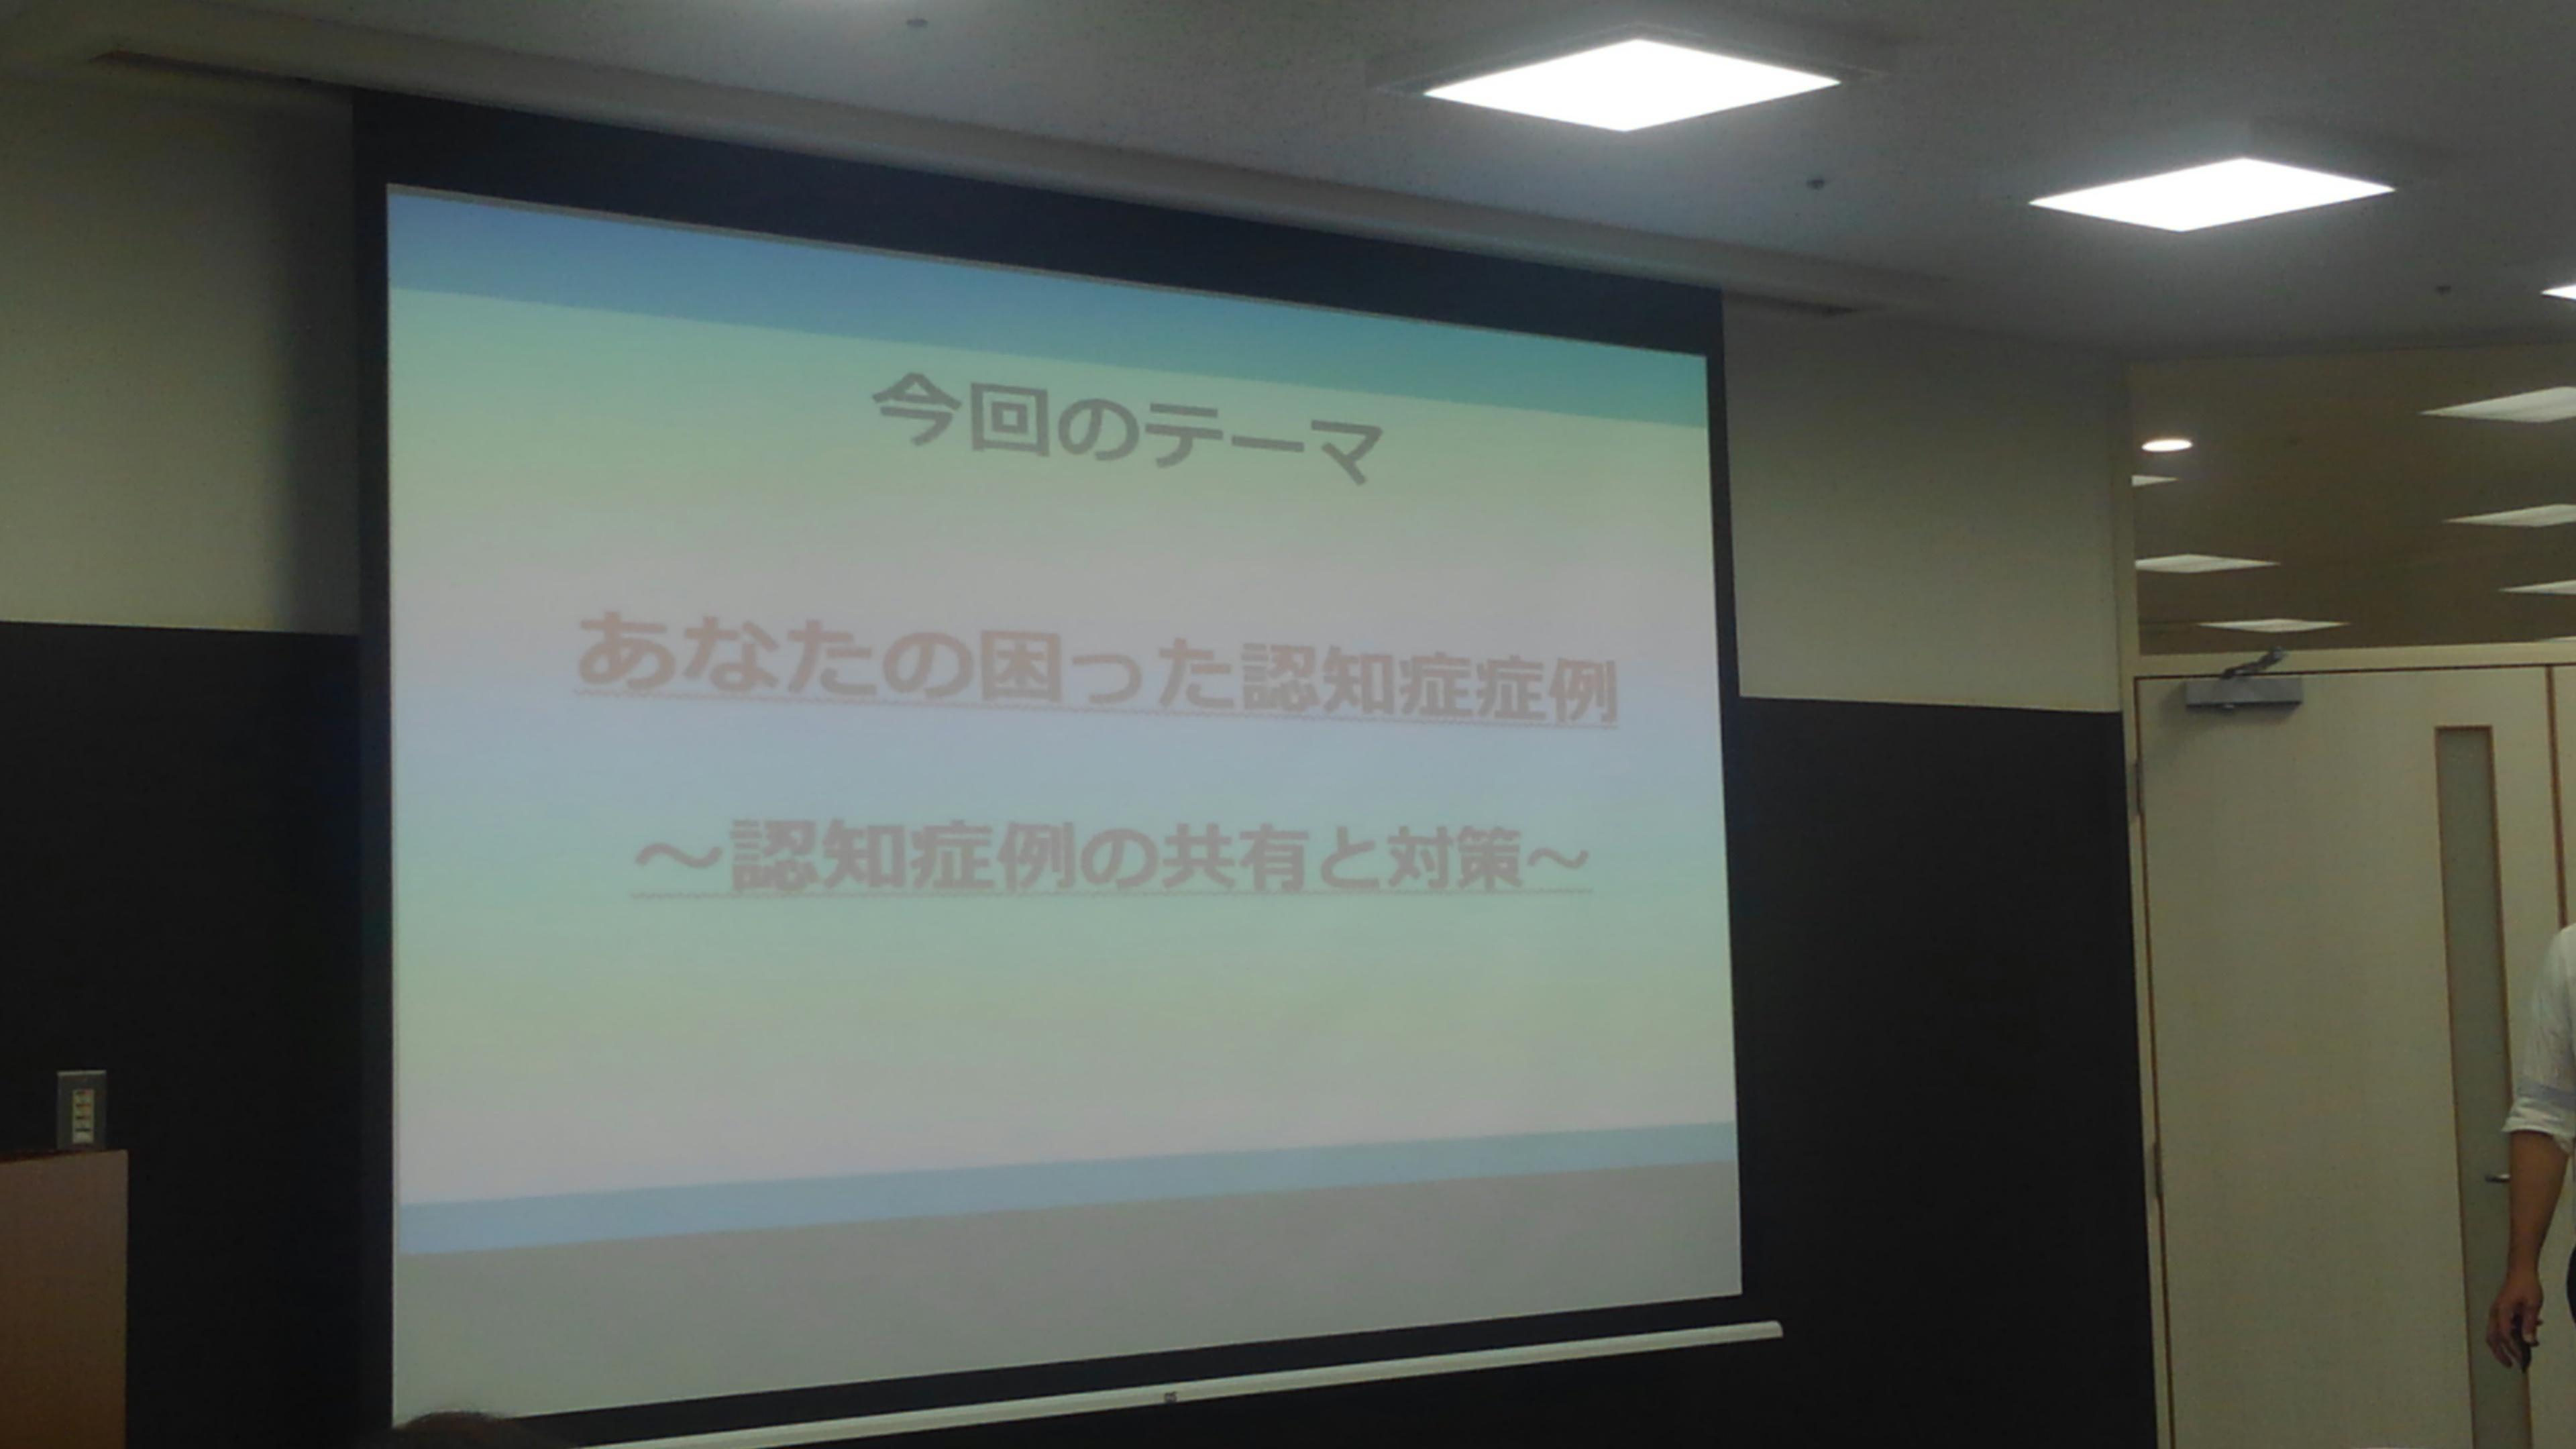 180710 事例ペクチャー会